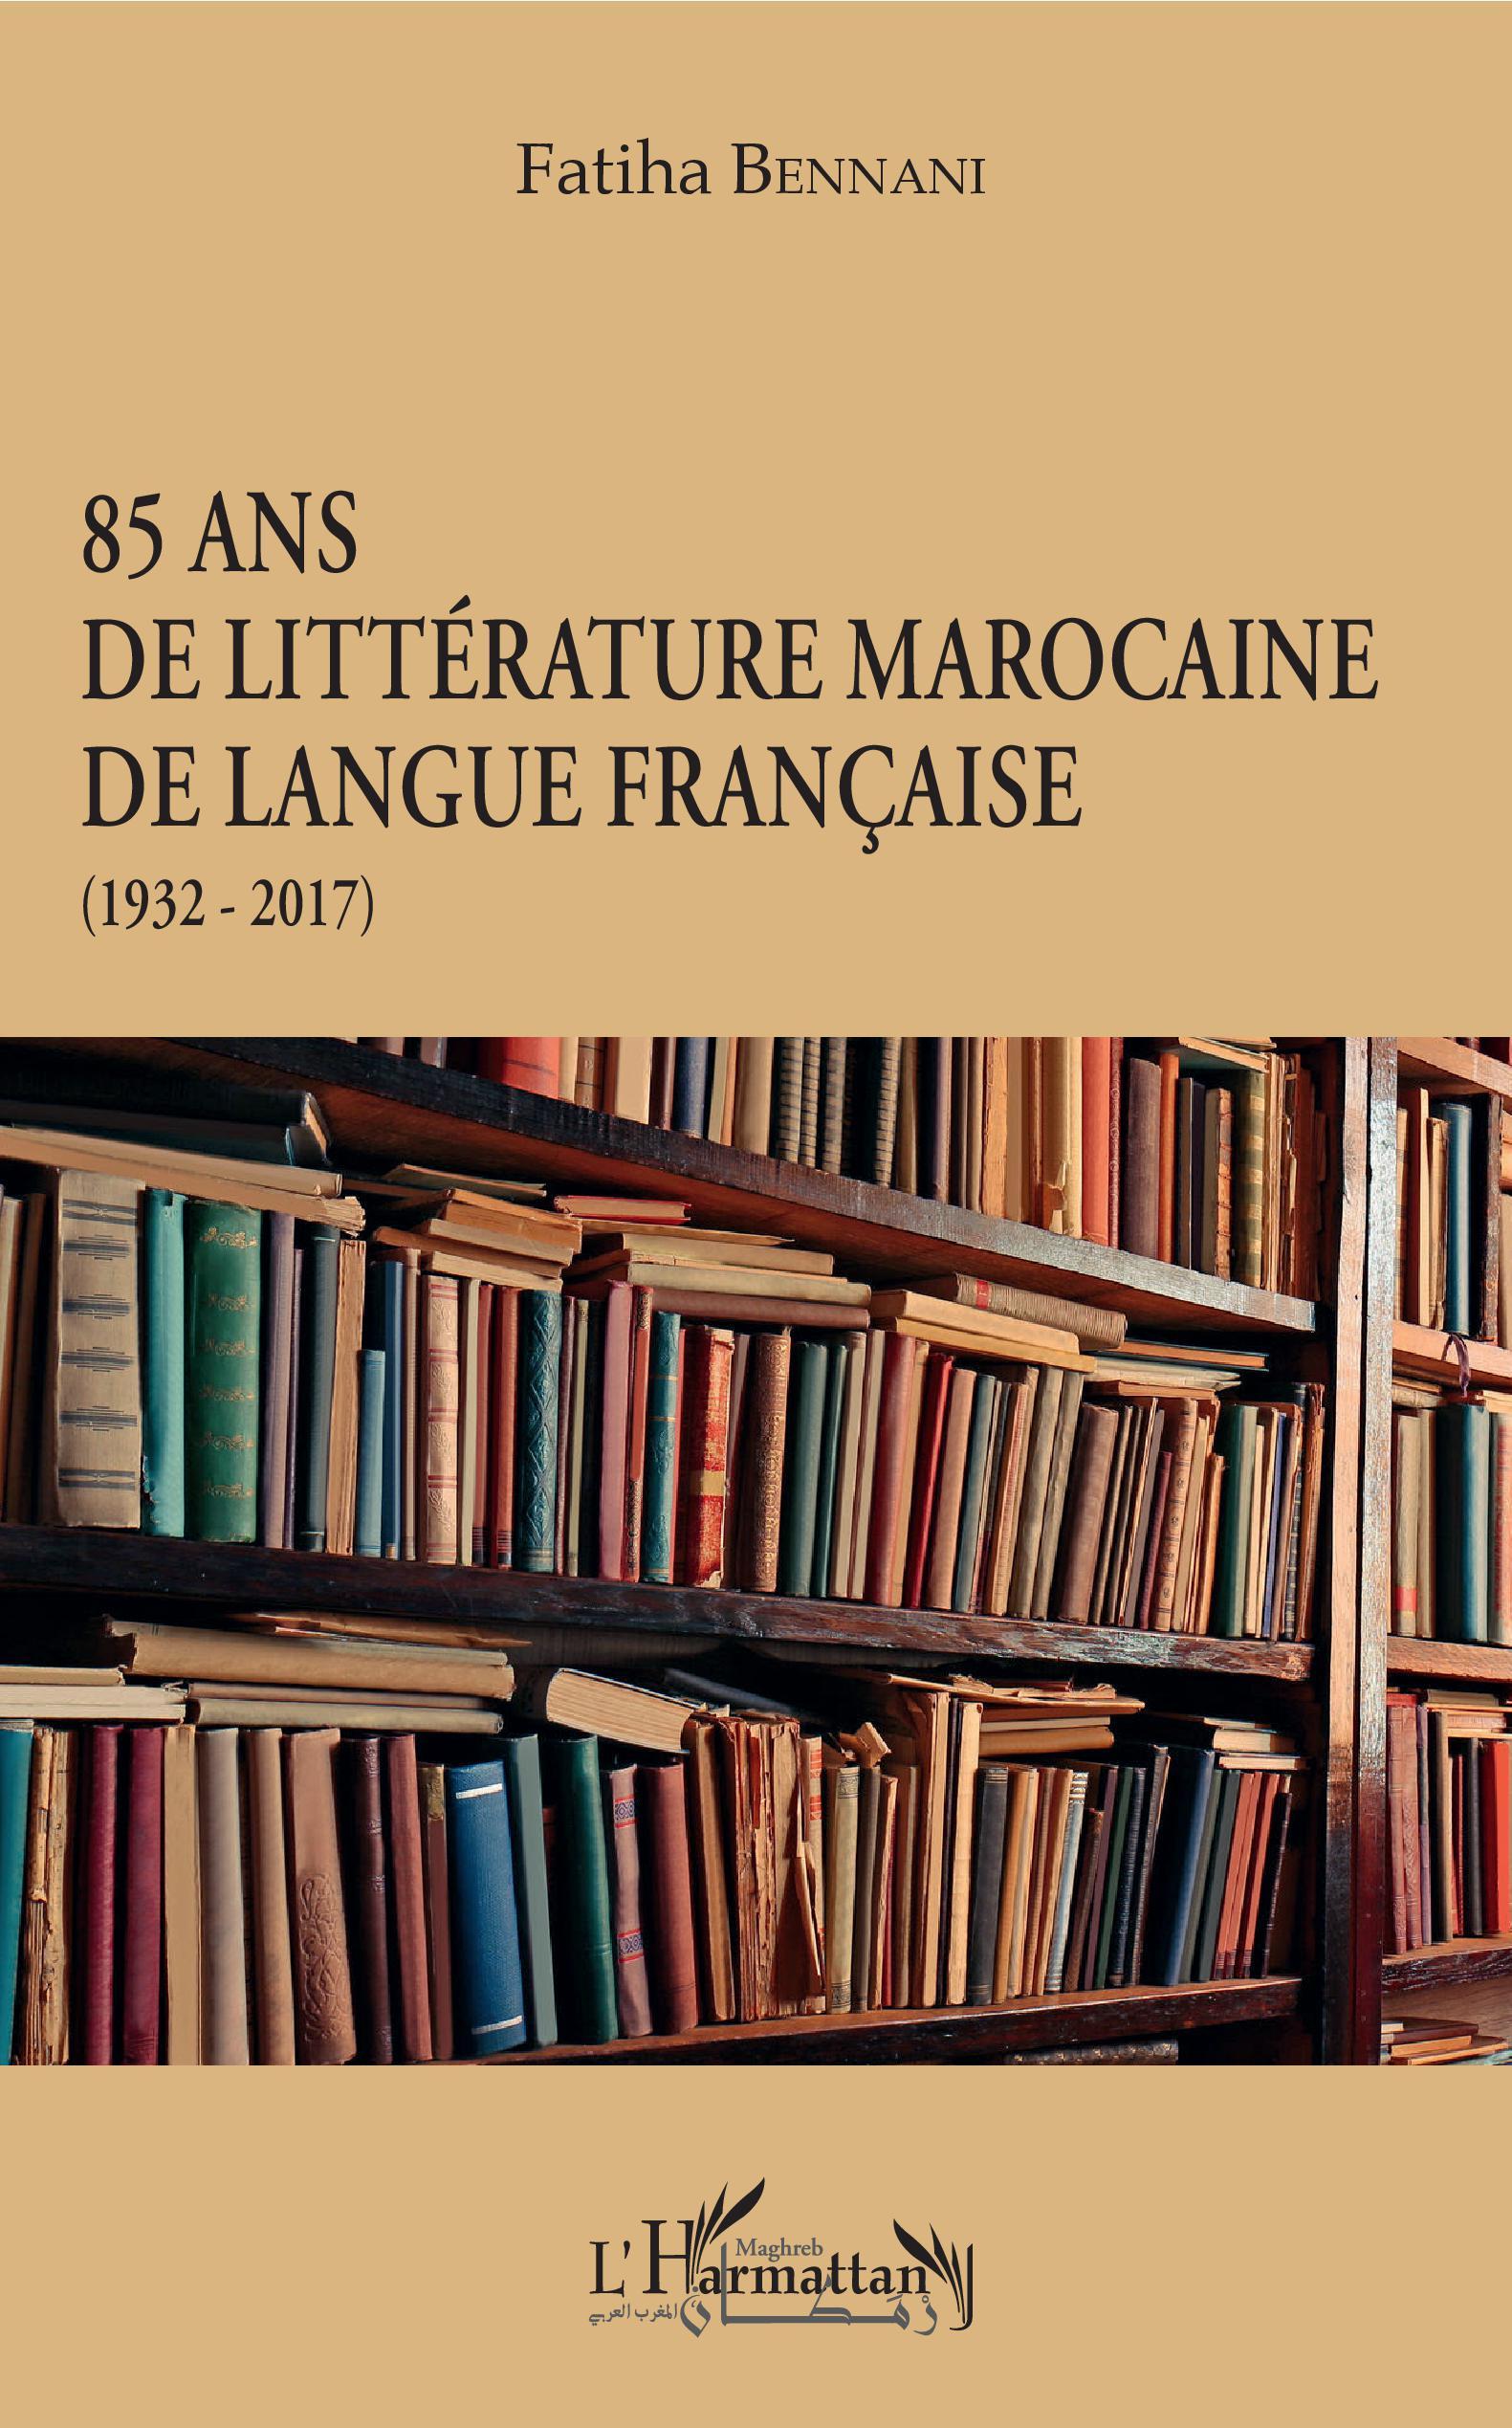 F. Bennani, 85 ans de littérature marocaine de langue française (1932-2017)